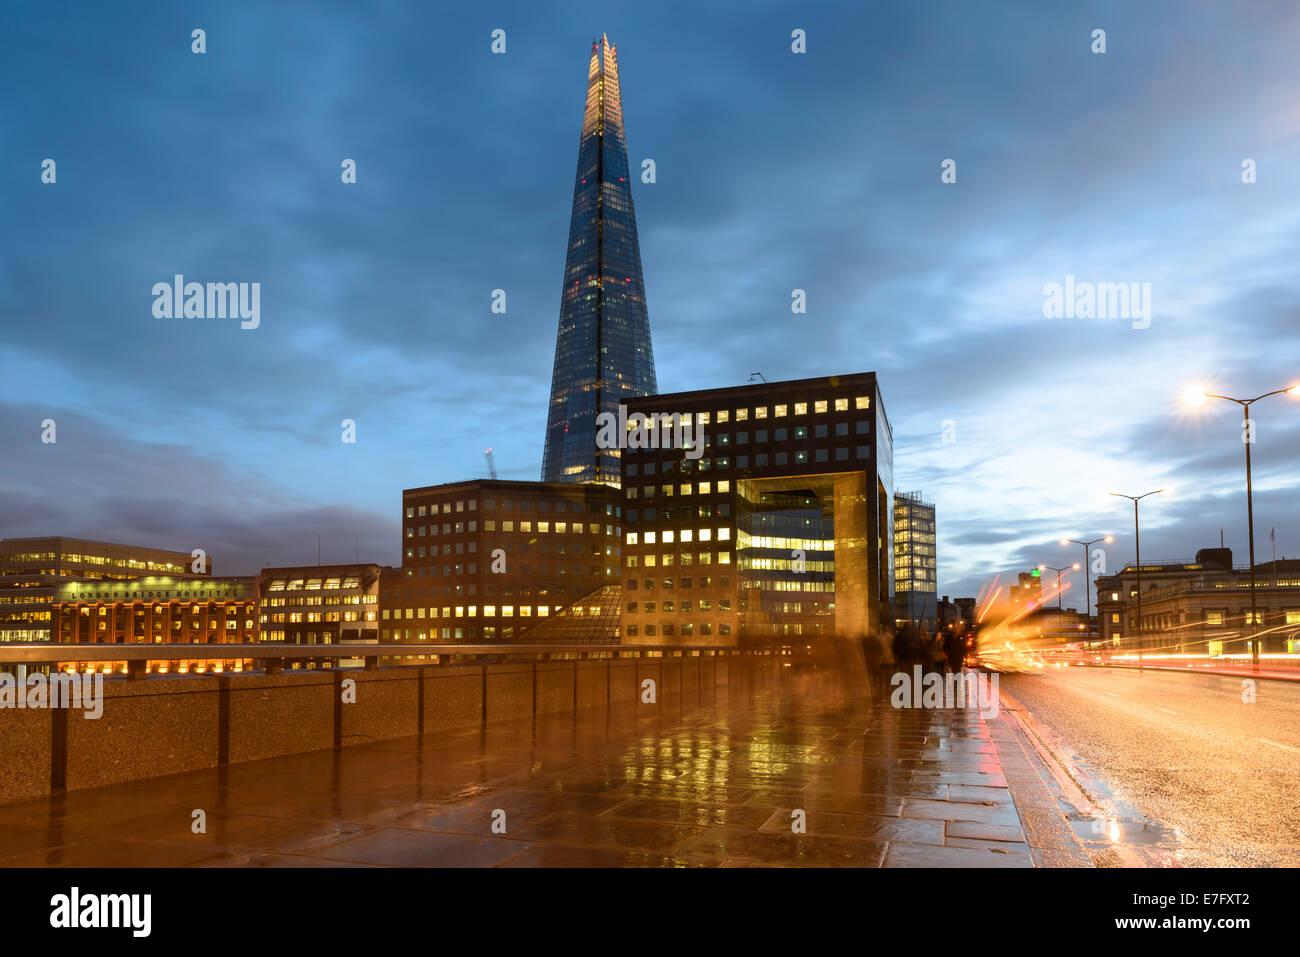 London Bridge at Dusk, England, UK Stock Photo